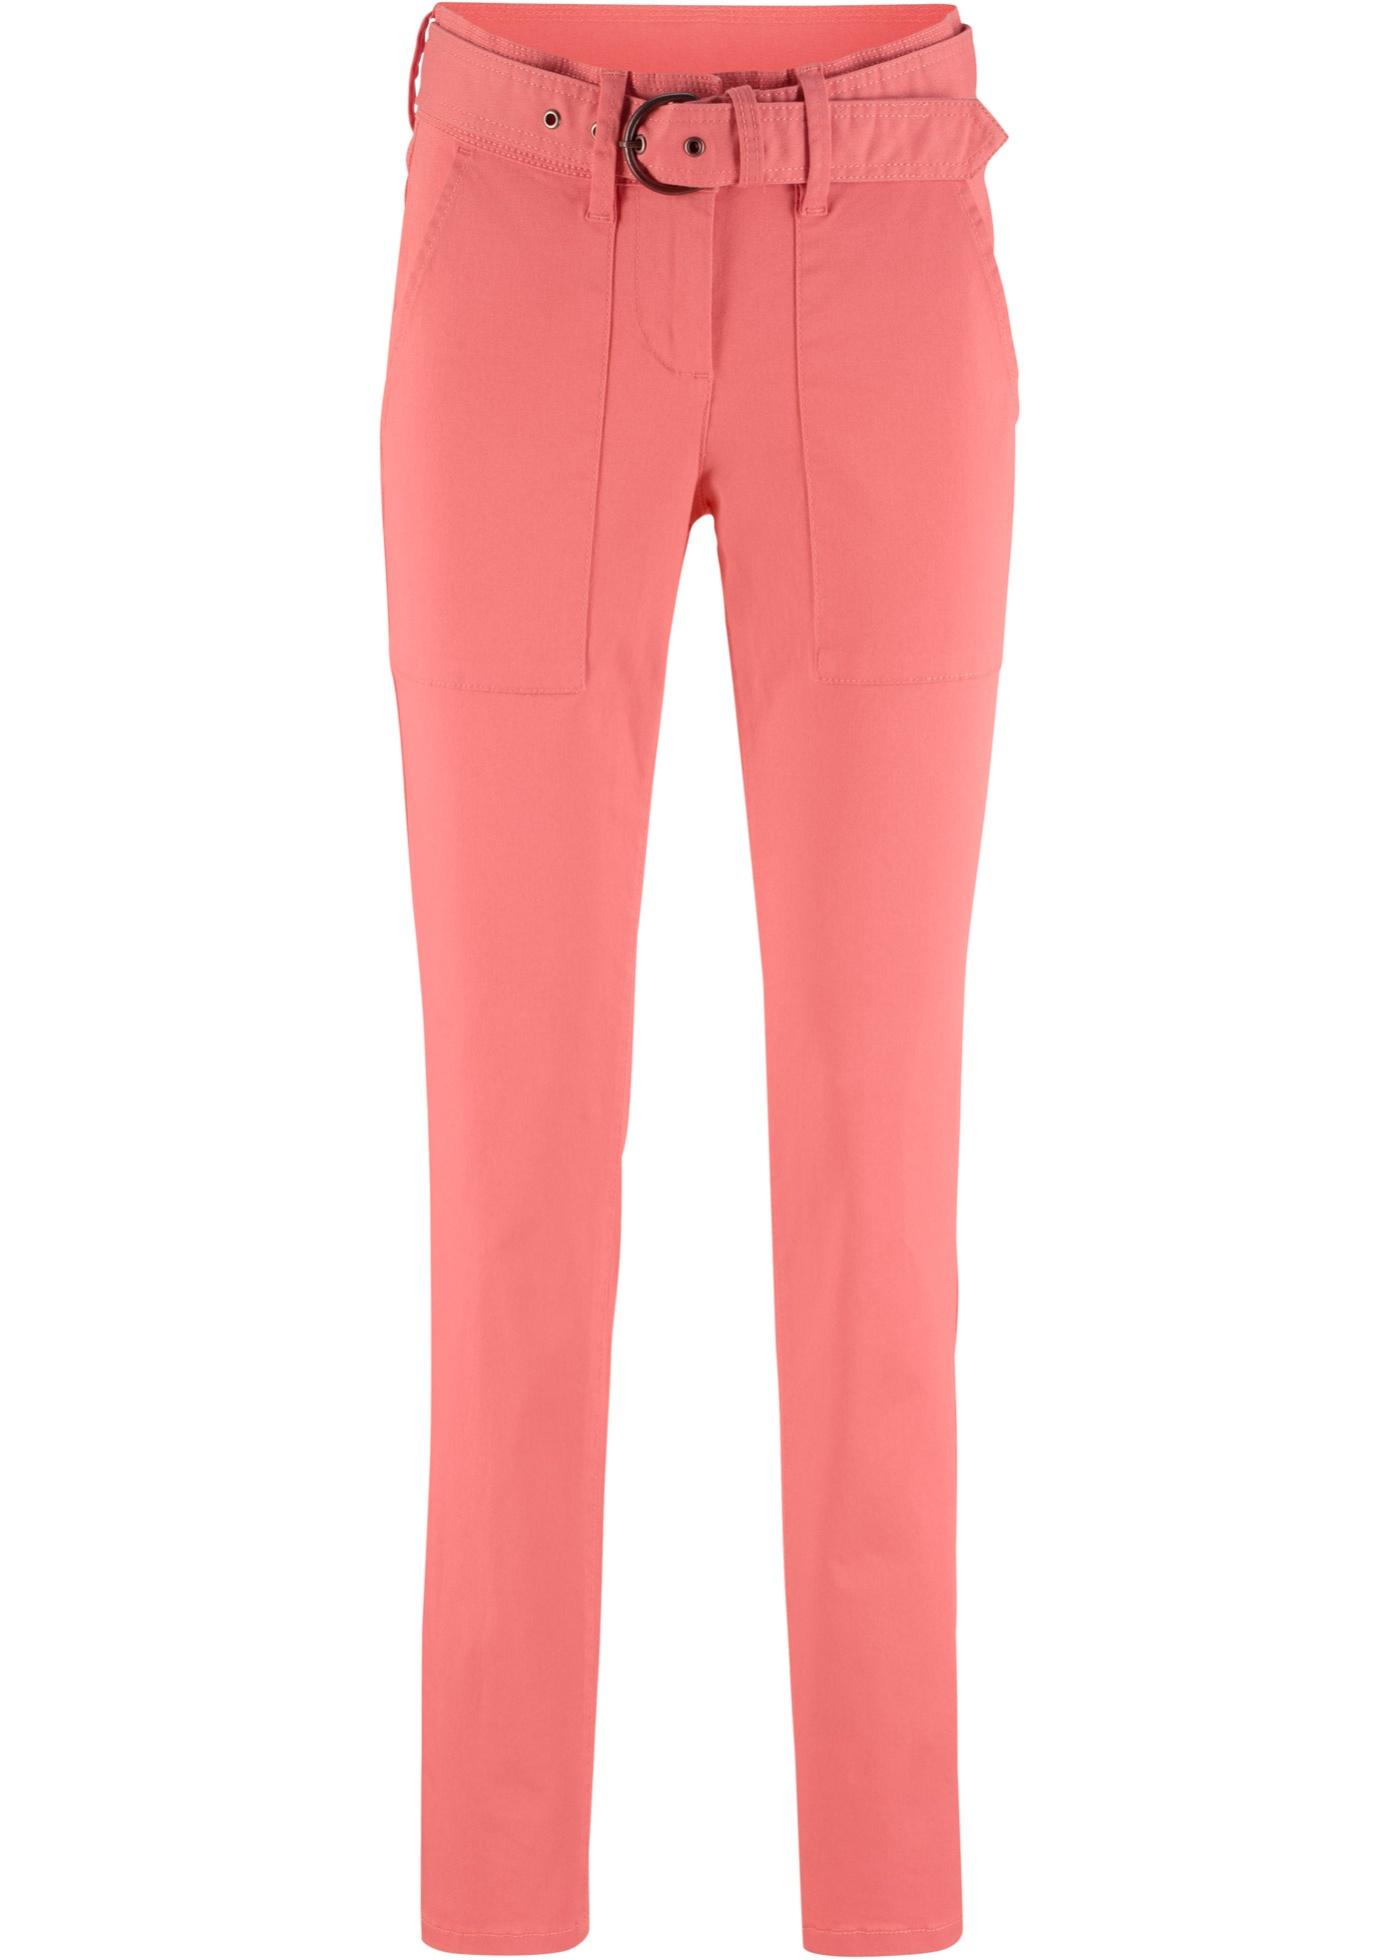 Pantalon avec ceinture en tissu, Slim Fit